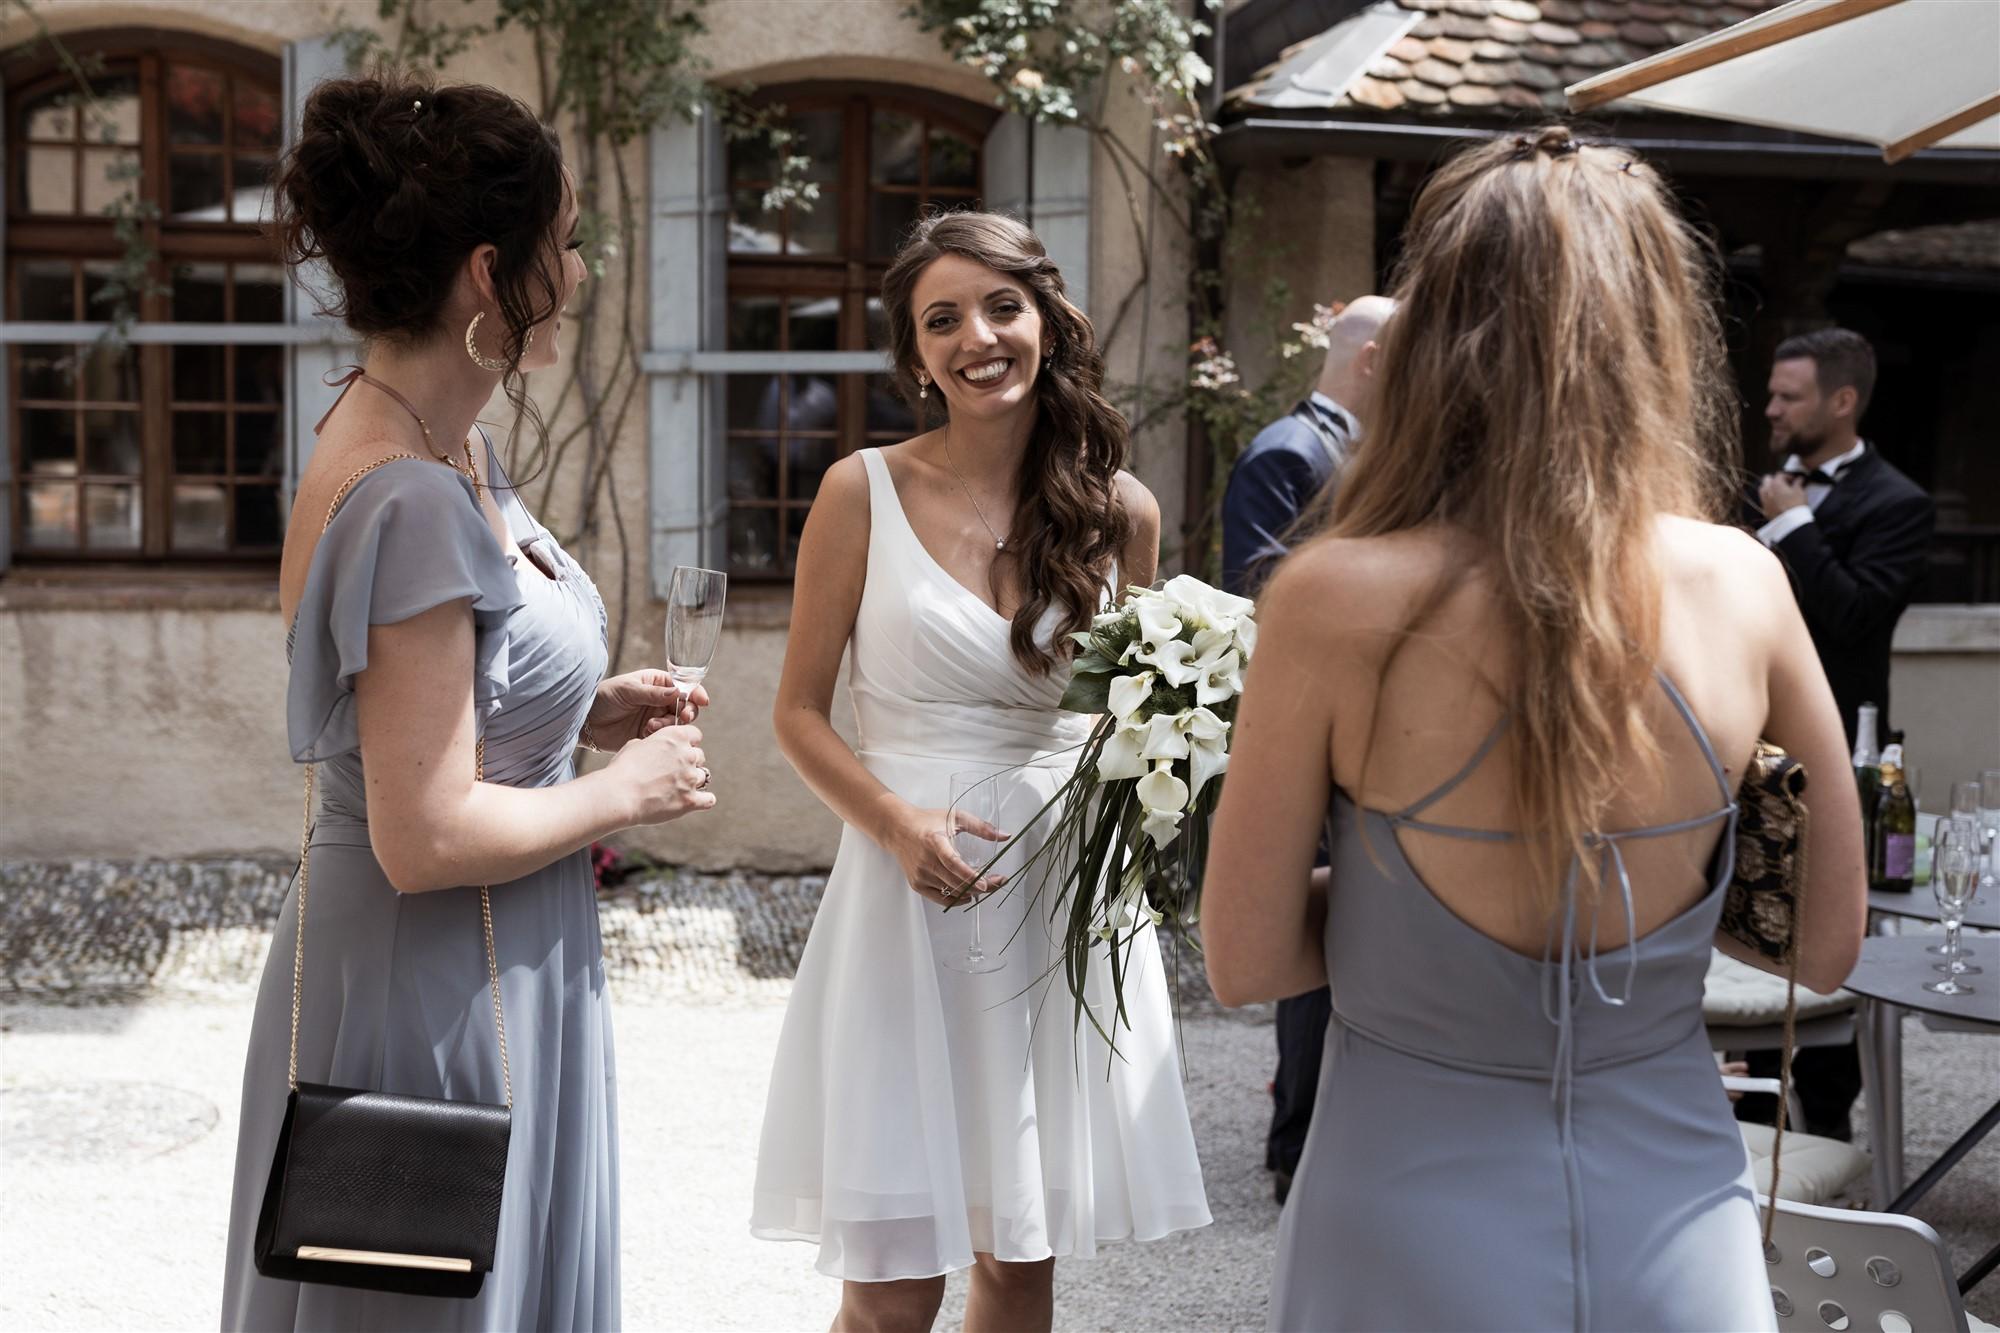 Hochzeit Schloss Wildenstein - Die Braut stosst mit ihren Freundinnen an